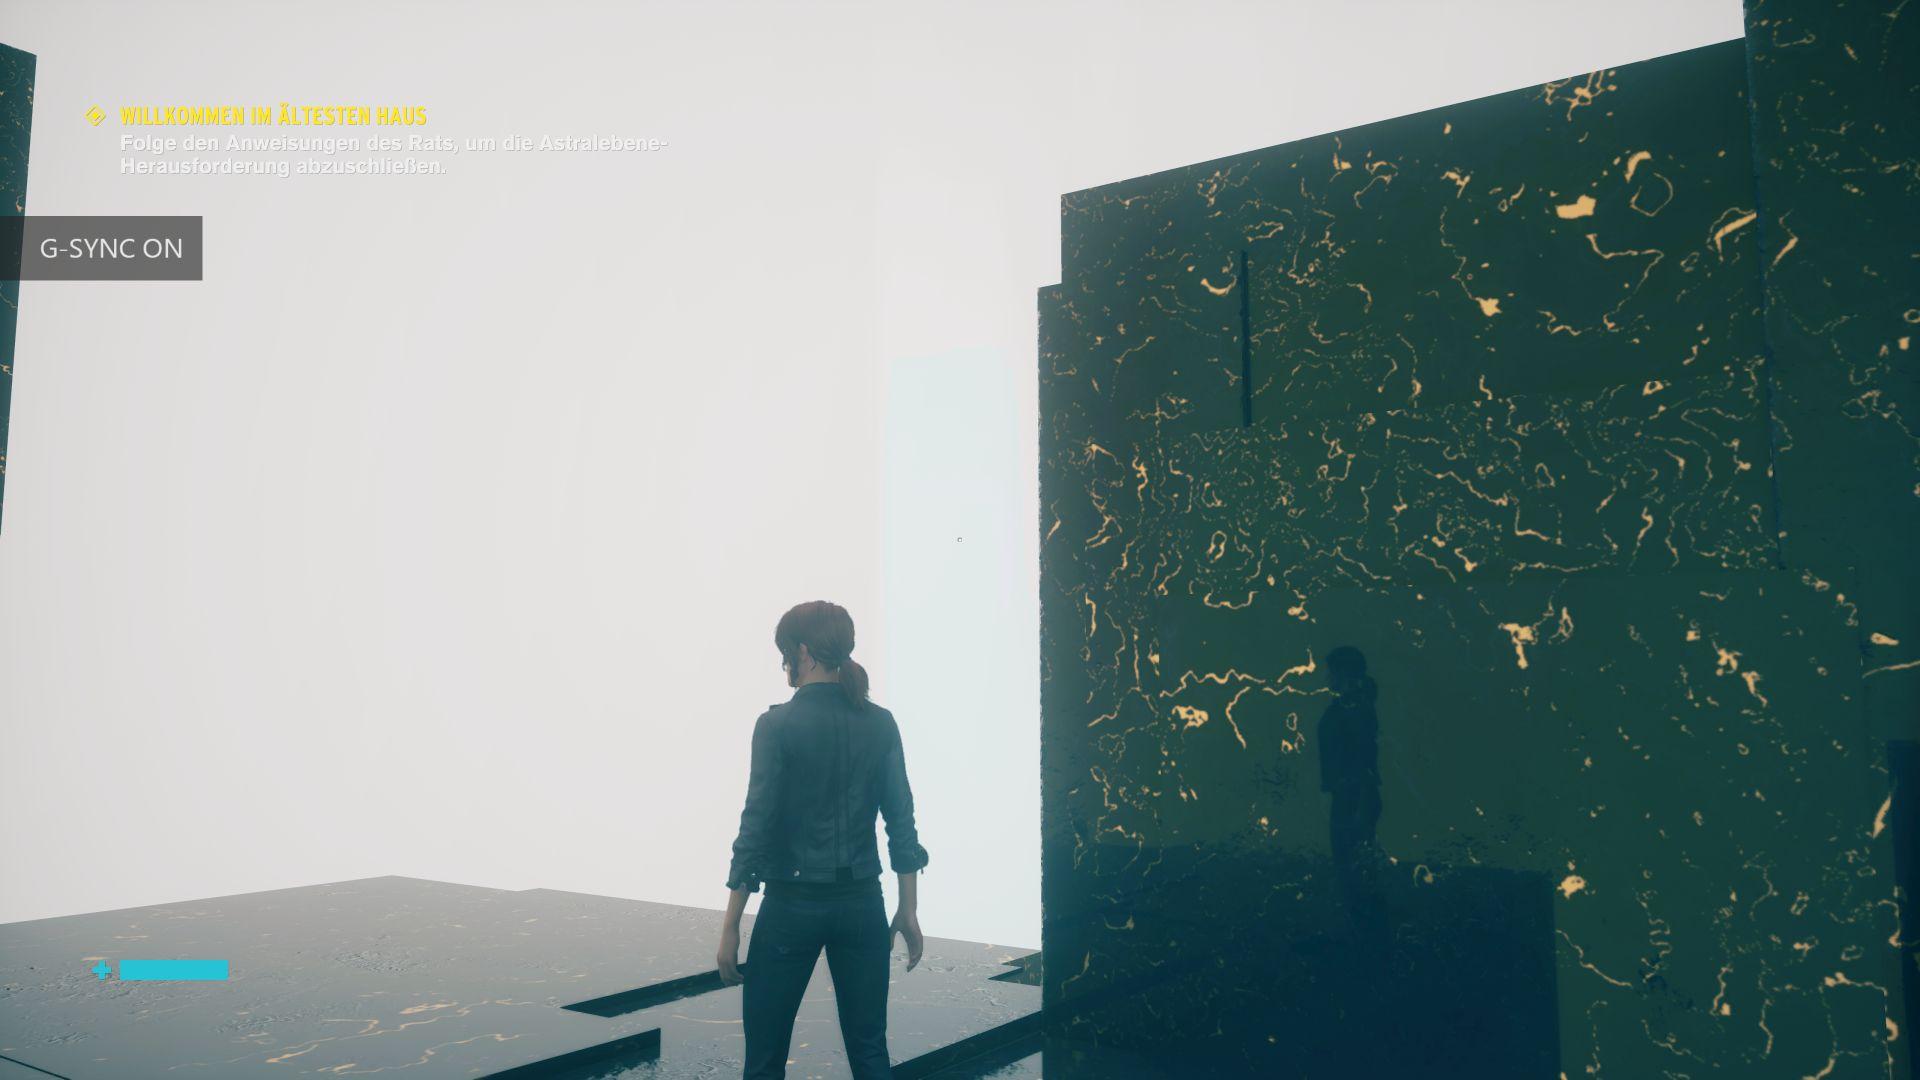 Das Game Control in einer Developer Version